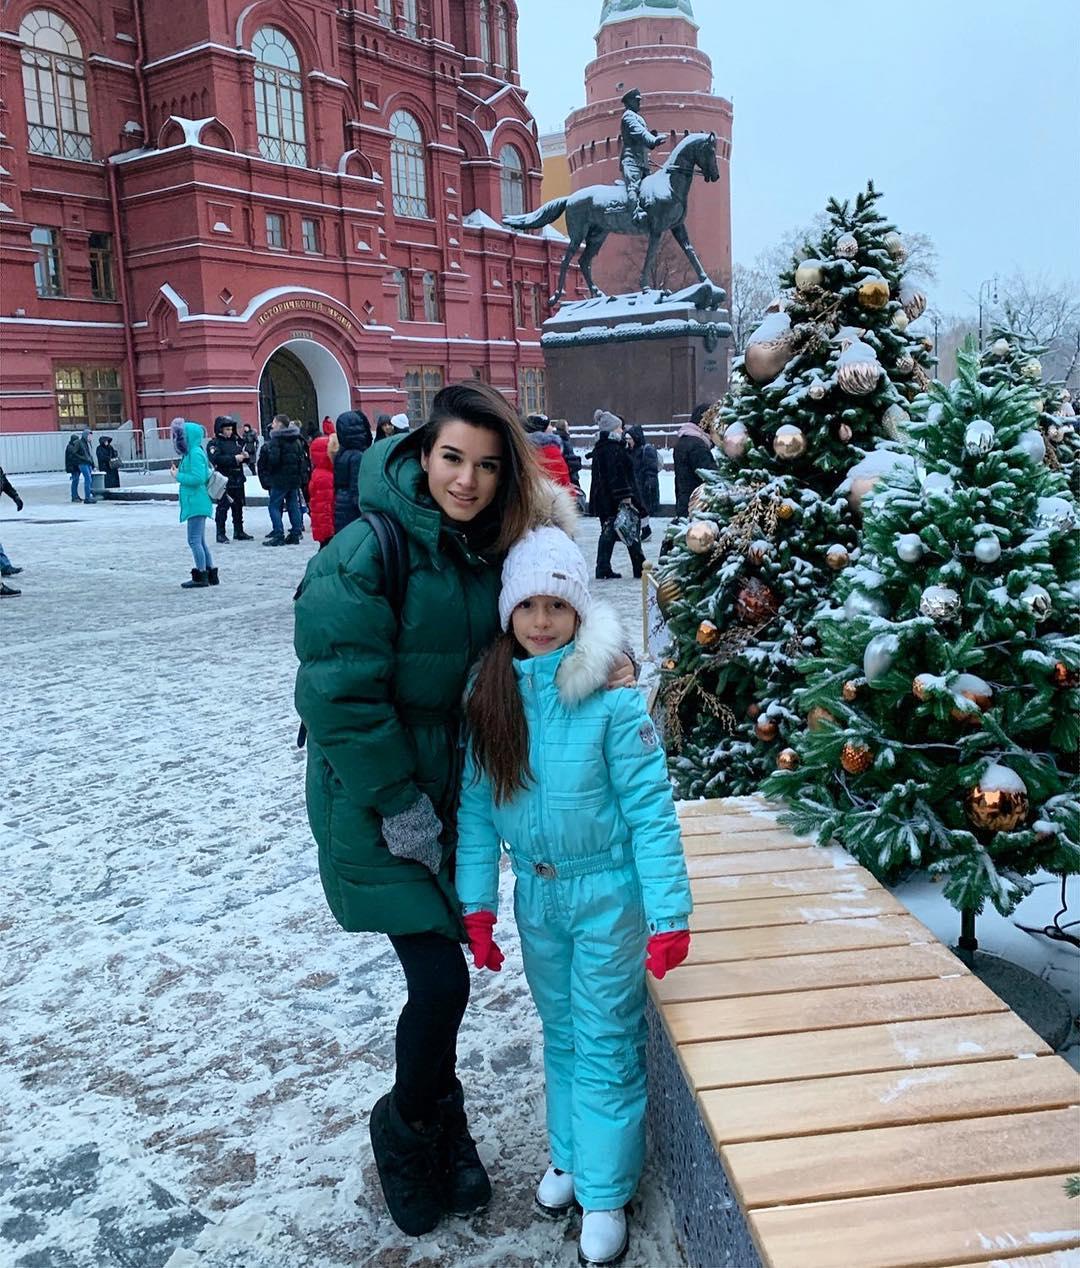 https://obaldela.ru/wp-content/uploads/2018/12/46417161_1652750671536868_1842775736934913588_n-1.jpg